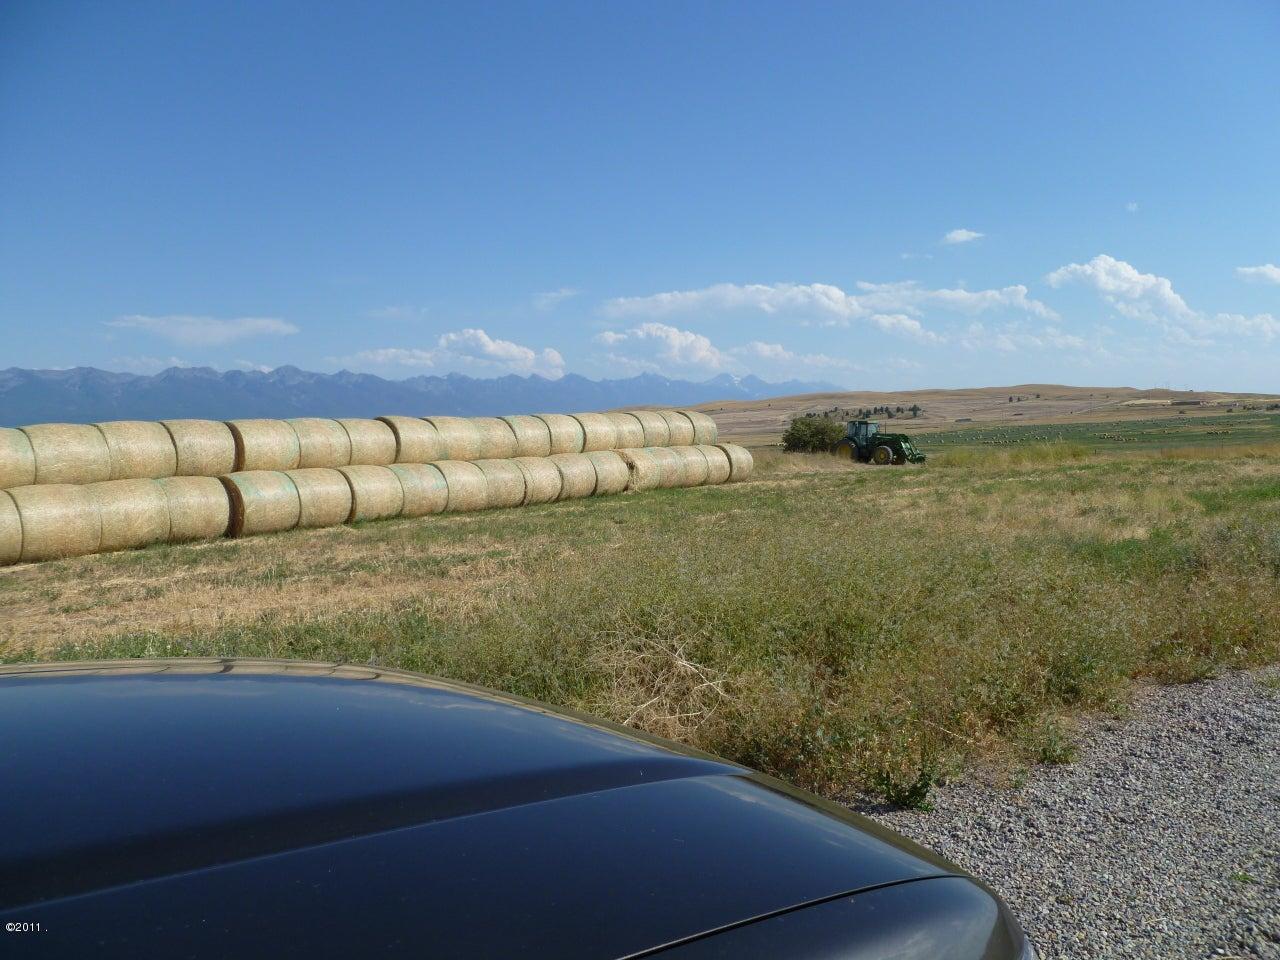 lots of hay